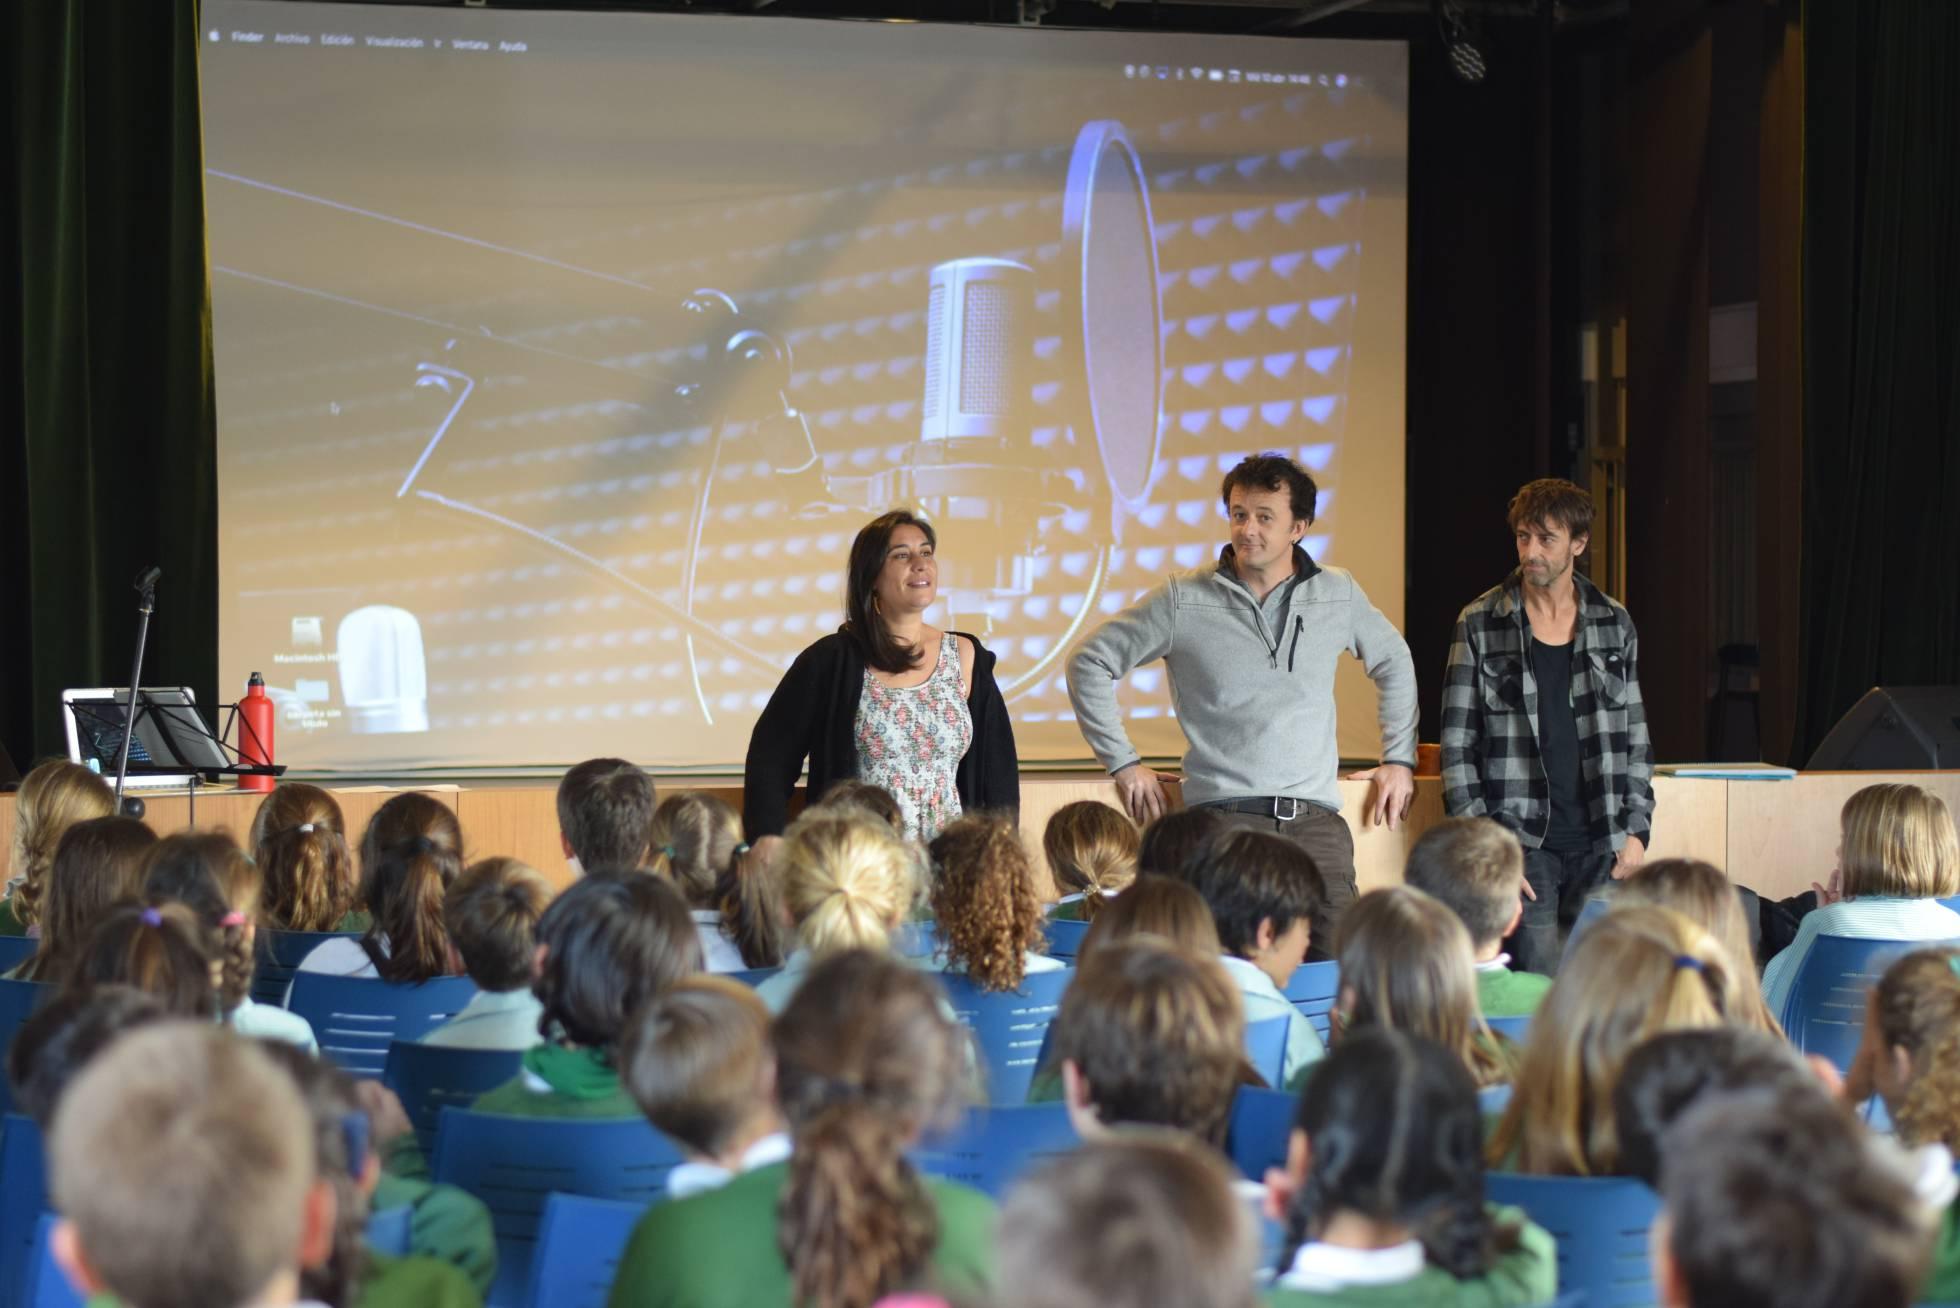 Ученики одной из школ Мадрида знакомятся с искусством дубляжа фильмов